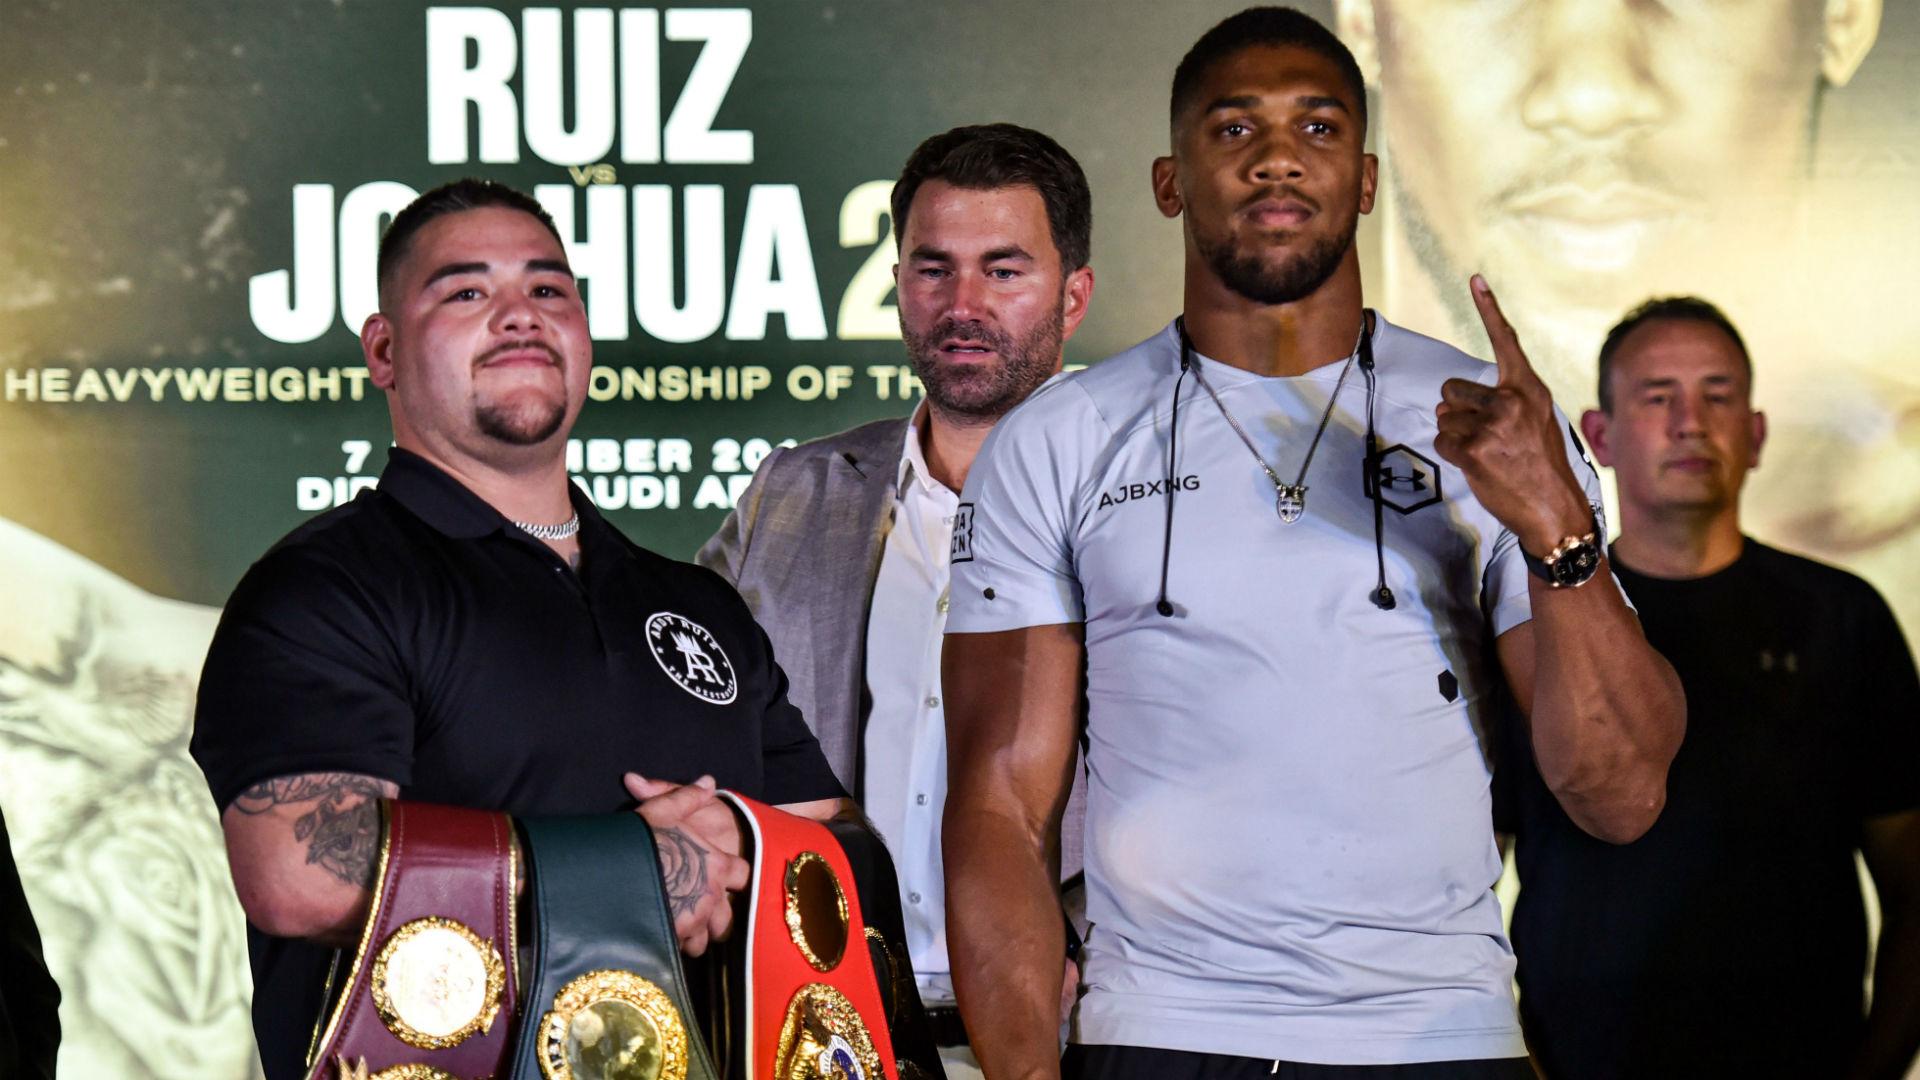 Andy Ruiz Jr. vs Anthony Joshua 2 fecha, hora, precio, probabilidades de boxeo, cartelera y cómo ver la pelea 2